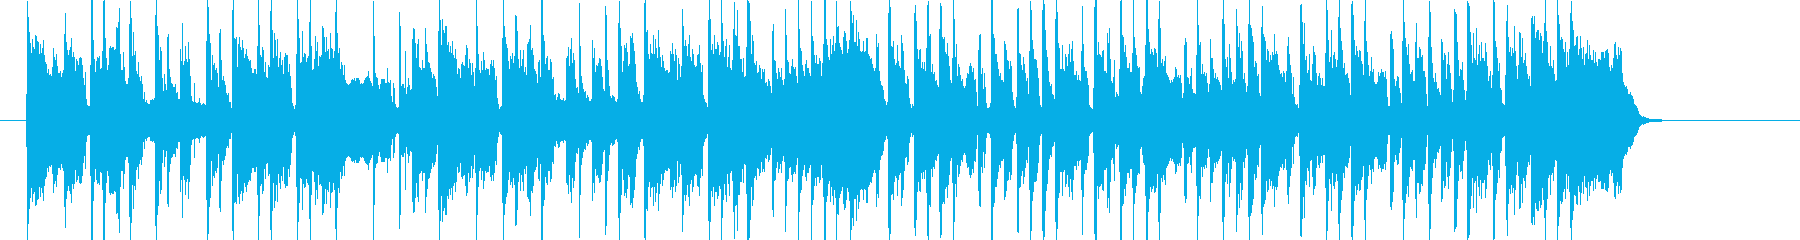 ポップなメロディのシンセミュージックの再生済みの波形